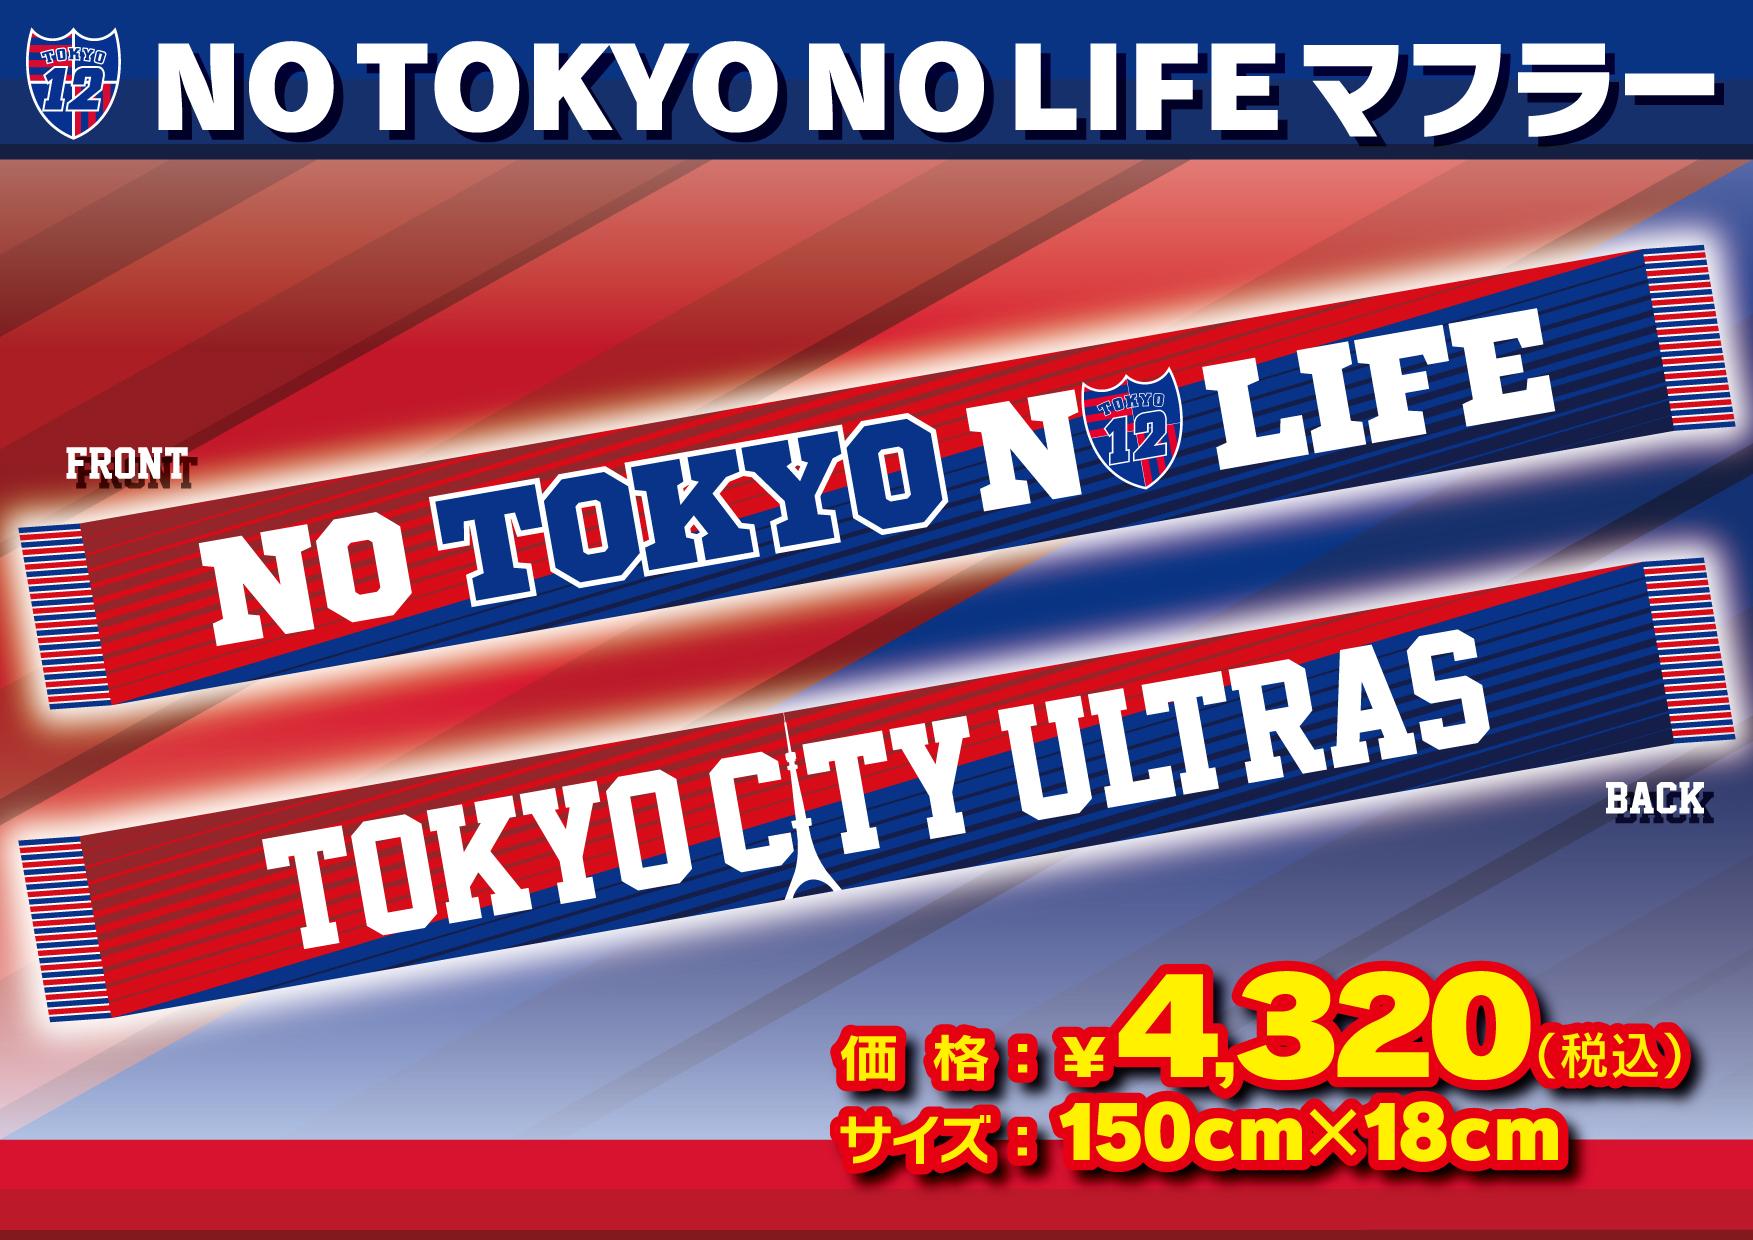 NO TOKYO NO LIFE マフラー